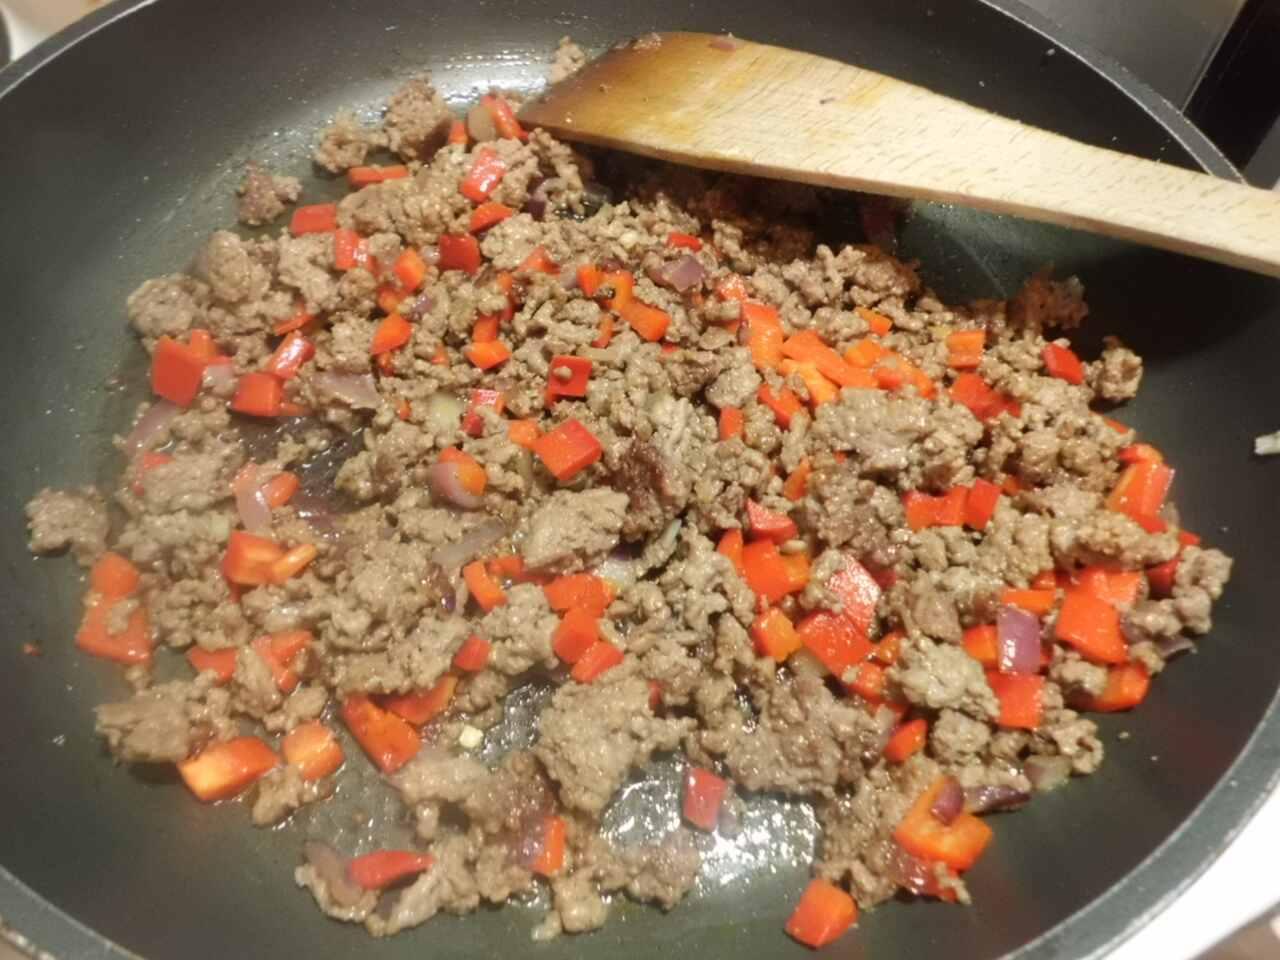 Hackfleisch mit Zwiebel, Knoblauch, Paprika und Möhrenstücke anbraten